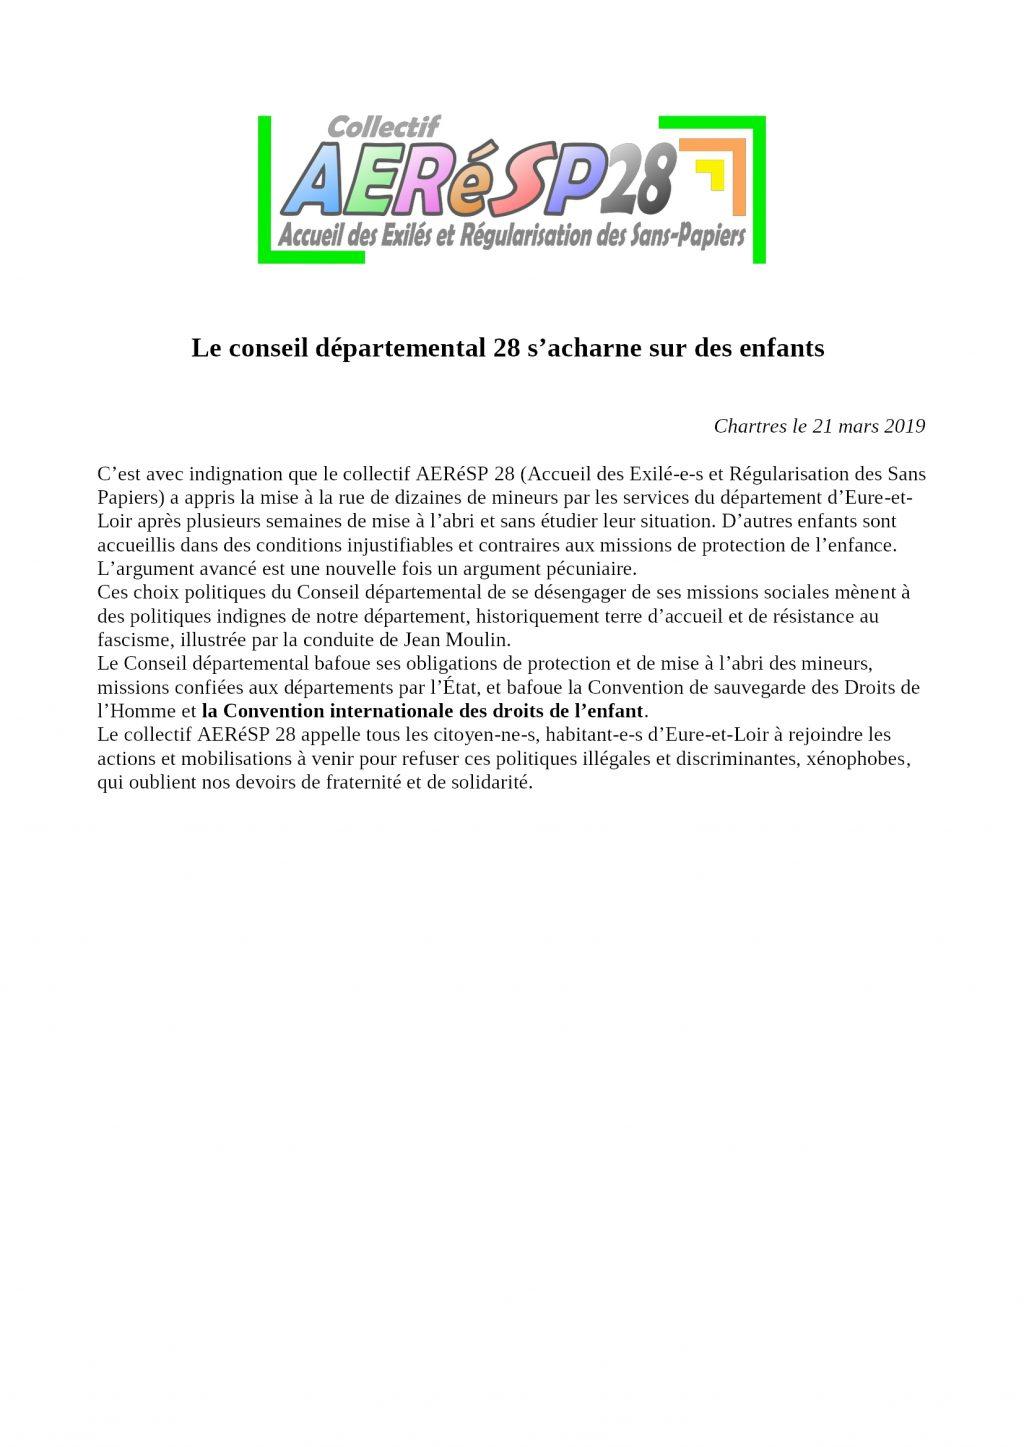 2019 03 21 Communiqué AERéSP28- Conseil dép- mises à la rue- droits enfants bafoués-xénophobie